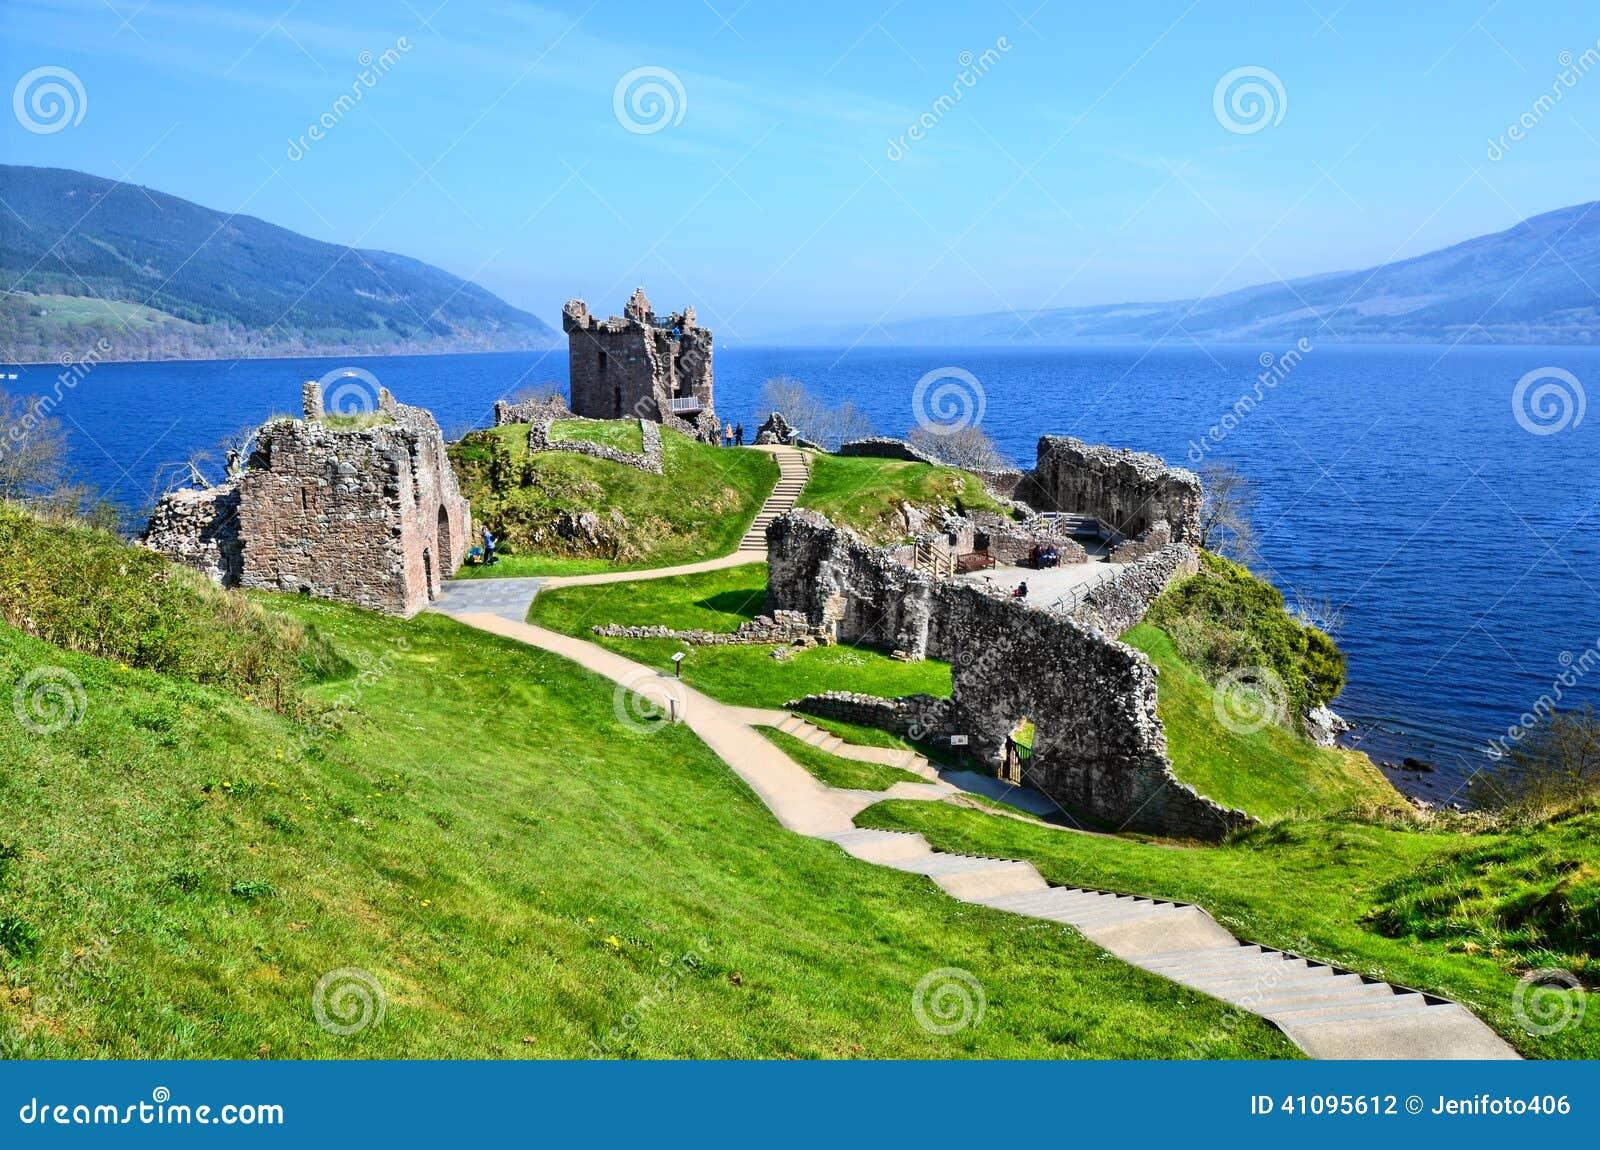 Castle ruins along Loch Ness